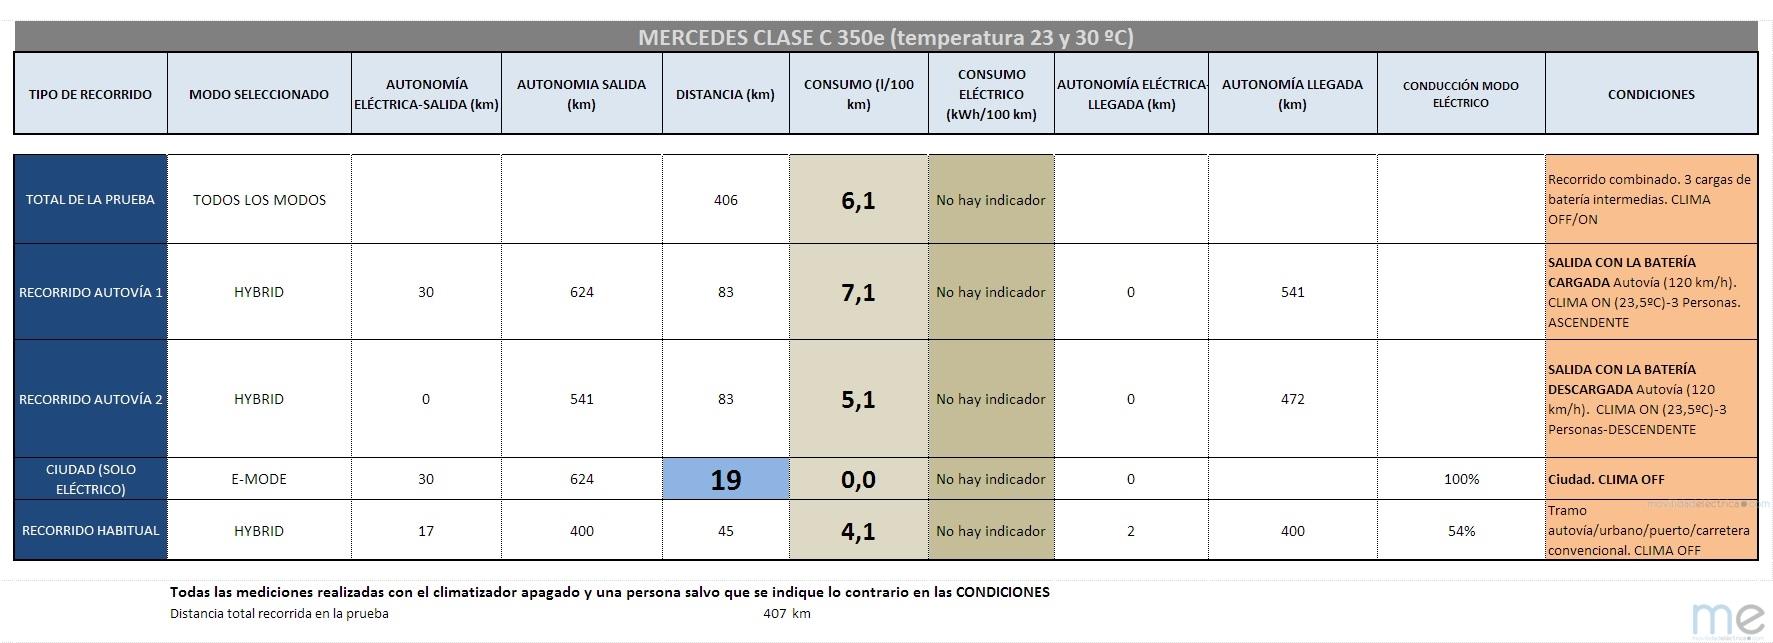 Tabla de consumos del Mercedes-Benz Clase C350e